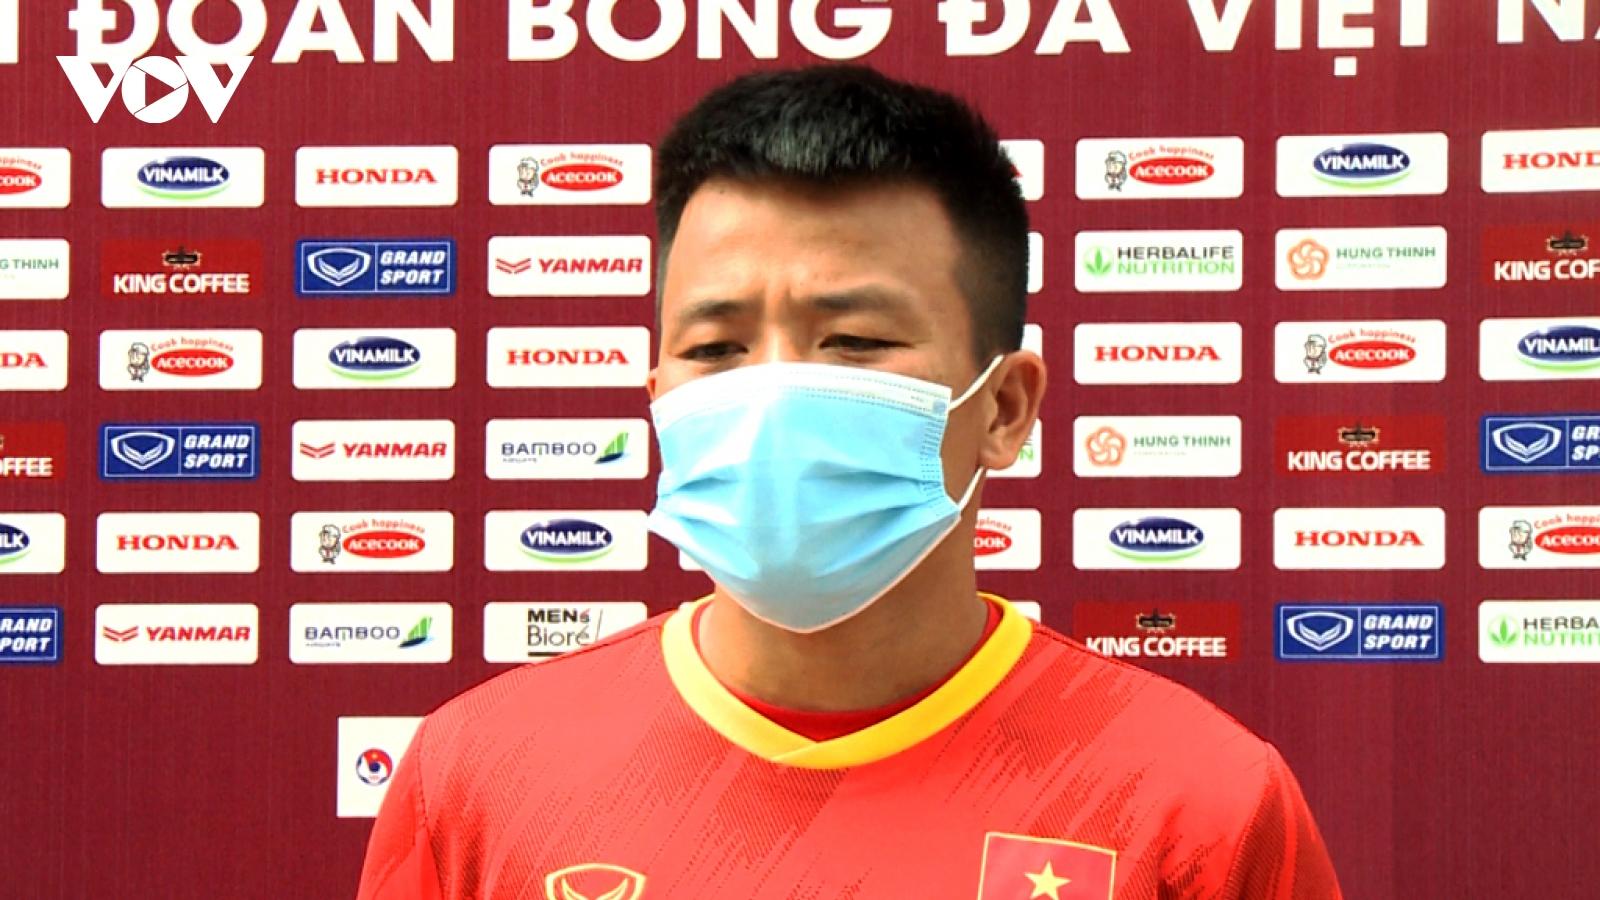 Tiền vệ U22 Việt Nam gửi lời chúc tới thầy Park và ĐT Việt Nam